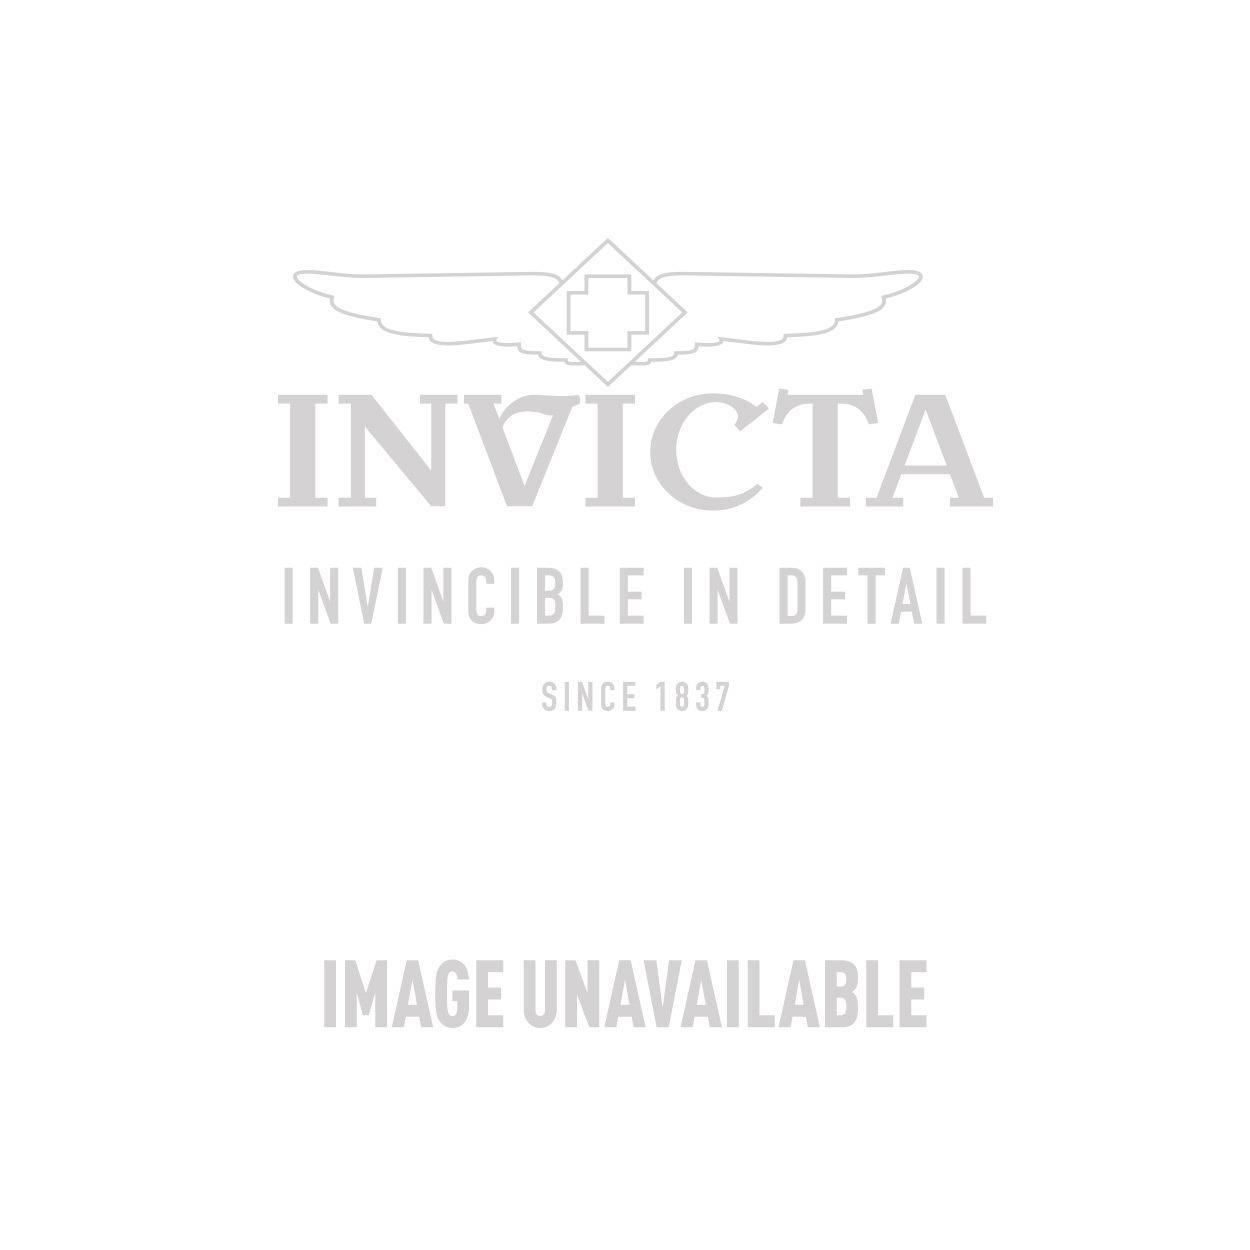 Invicta Model 29627